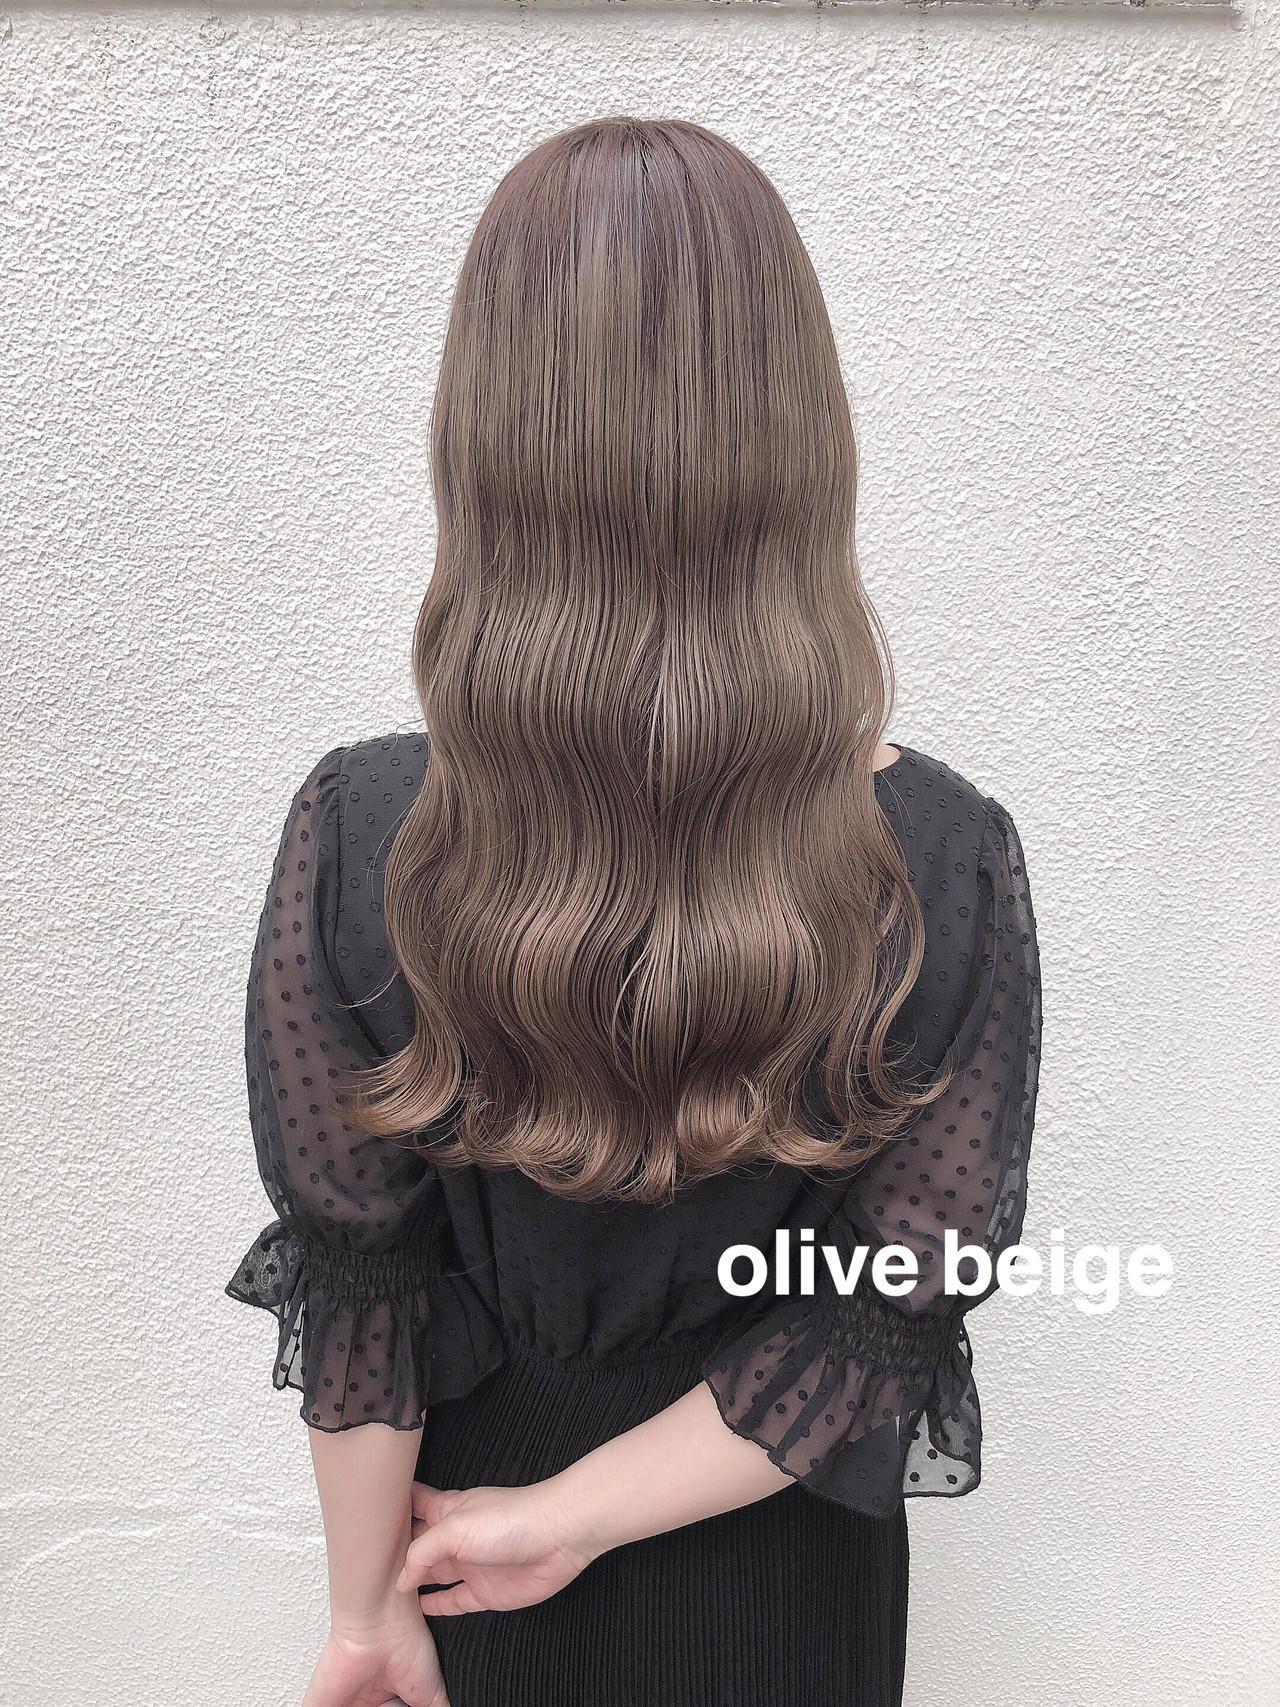 ナチュラル アッシュグレージュ セミロング ハイトーンカラー ヘアスタイルや髪型の写真・画像